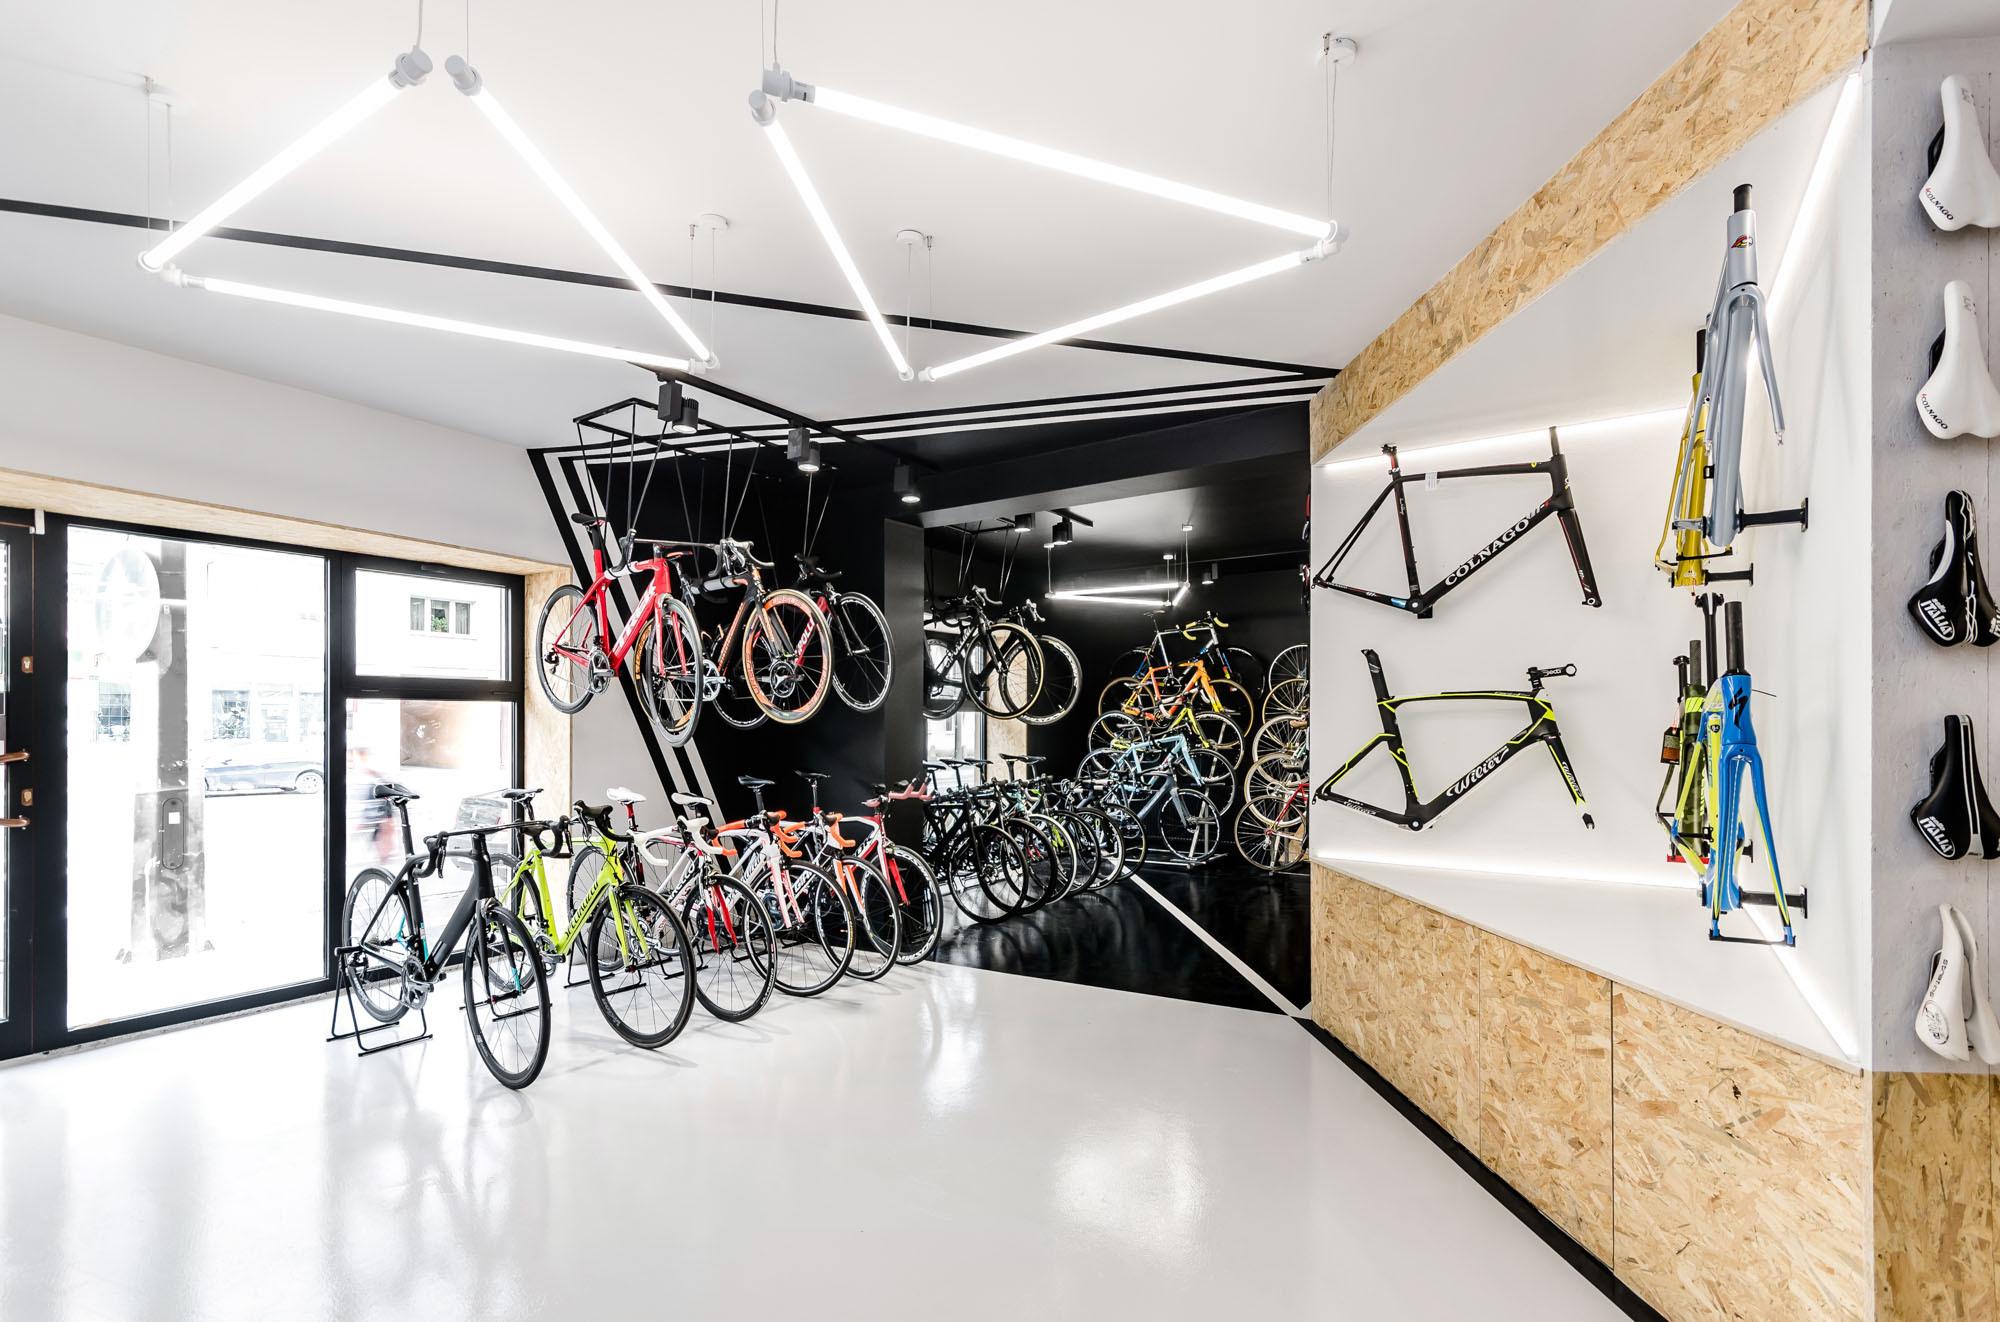 VÈLO7 Cycle Shop / mode:lina architekci